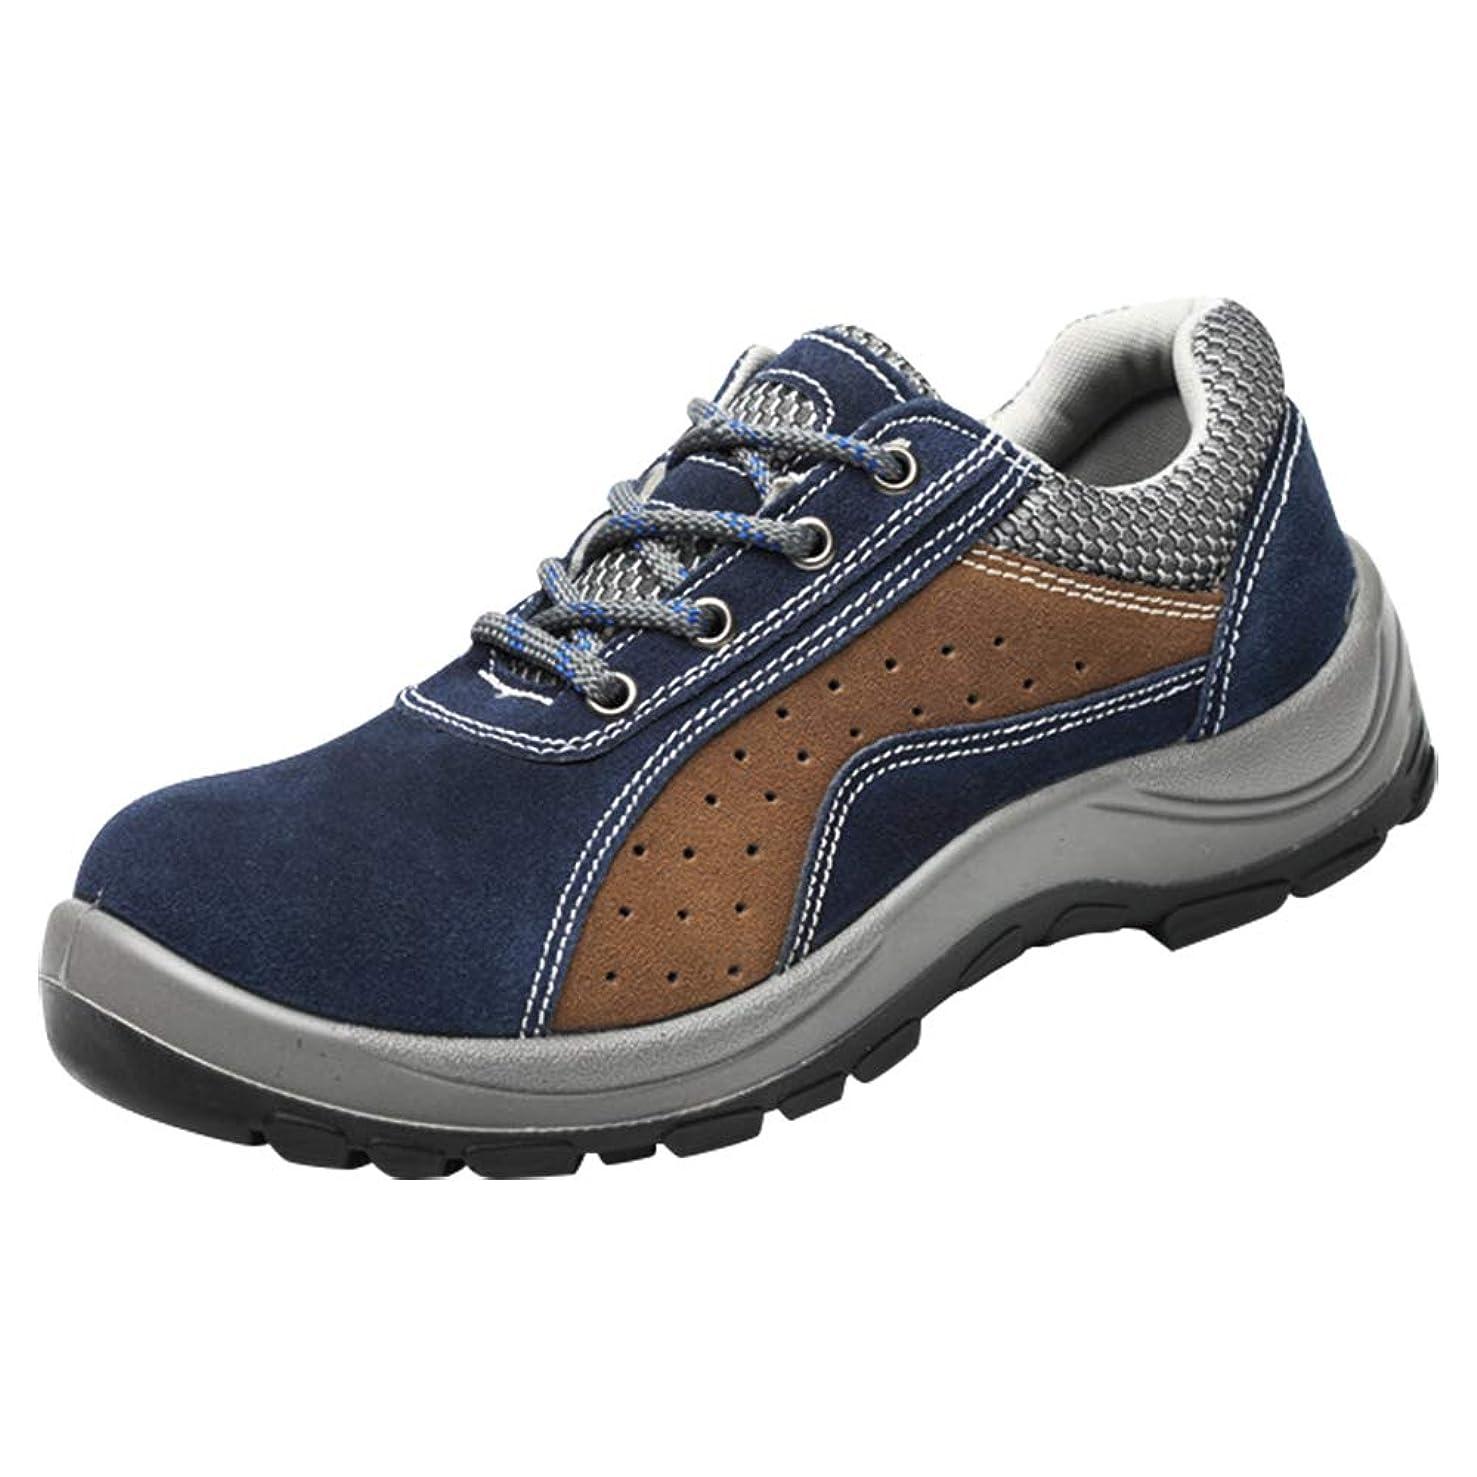 フレームワーク堂々たるクランプ[Liquor] 女性用 作業靴 レディース 安全靴 保護靴 複合トウシューズ 鋼先芯 ングスチールヘッド 軽量 通気